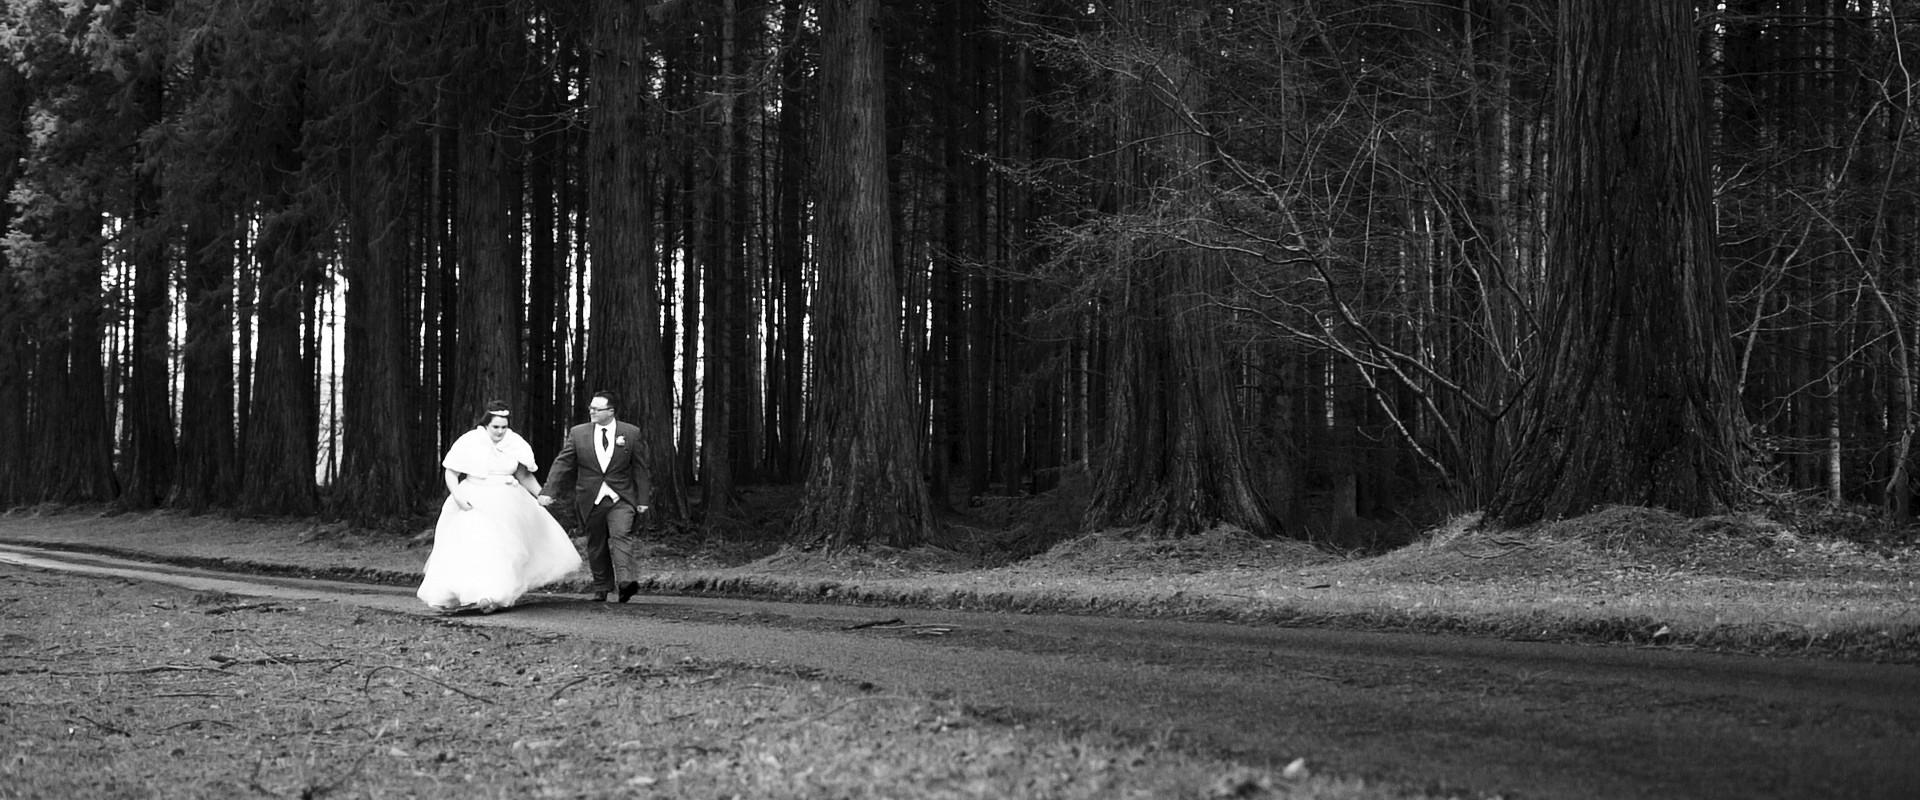 Wedding-ShortFilm-BW.00_06_40_01.Still05